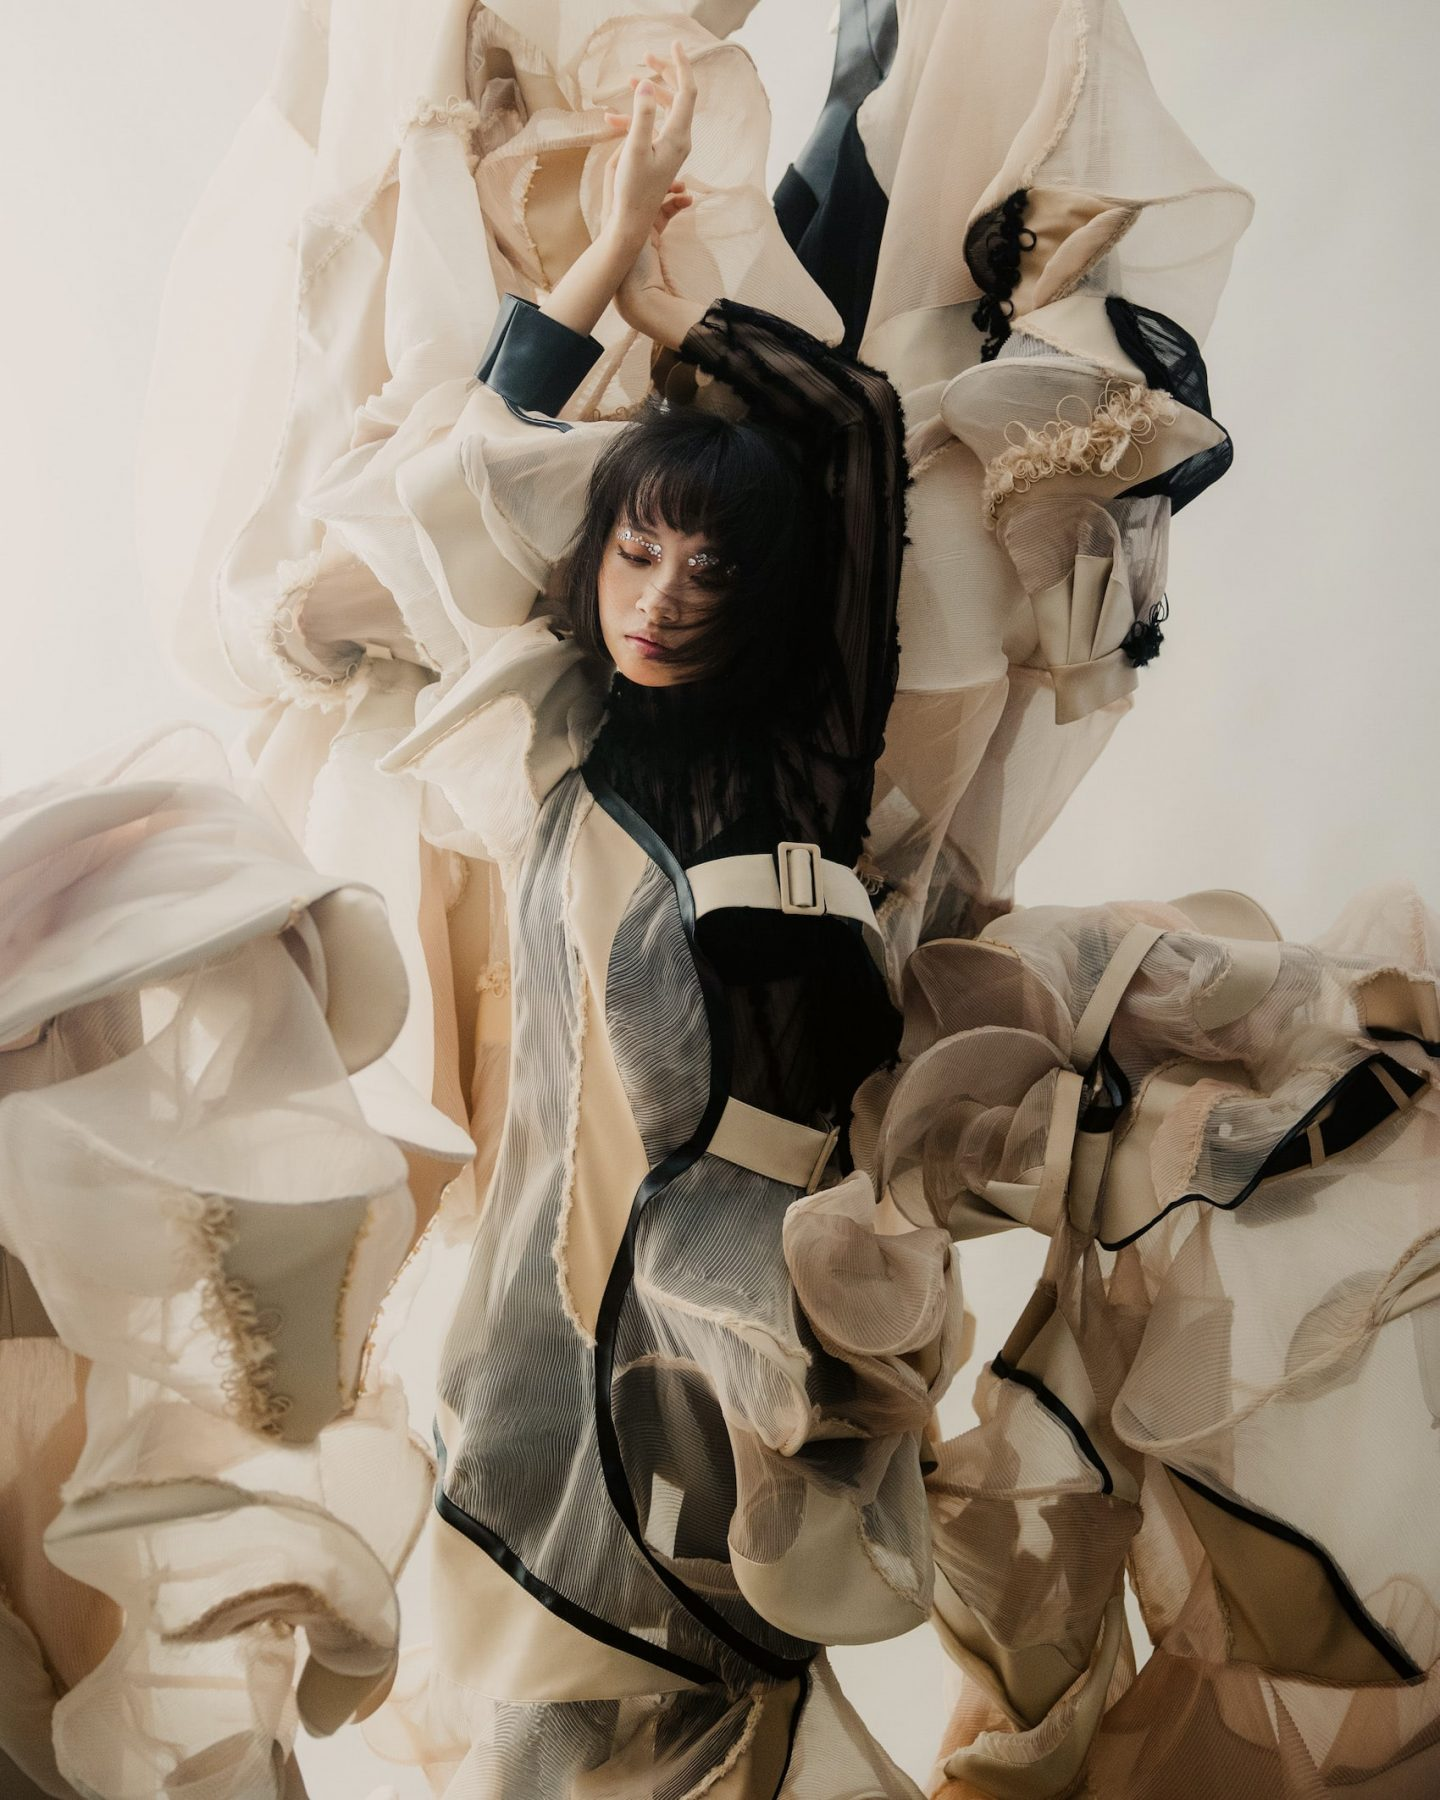 IGNANT-Photography-Zhang-Ahuei-017